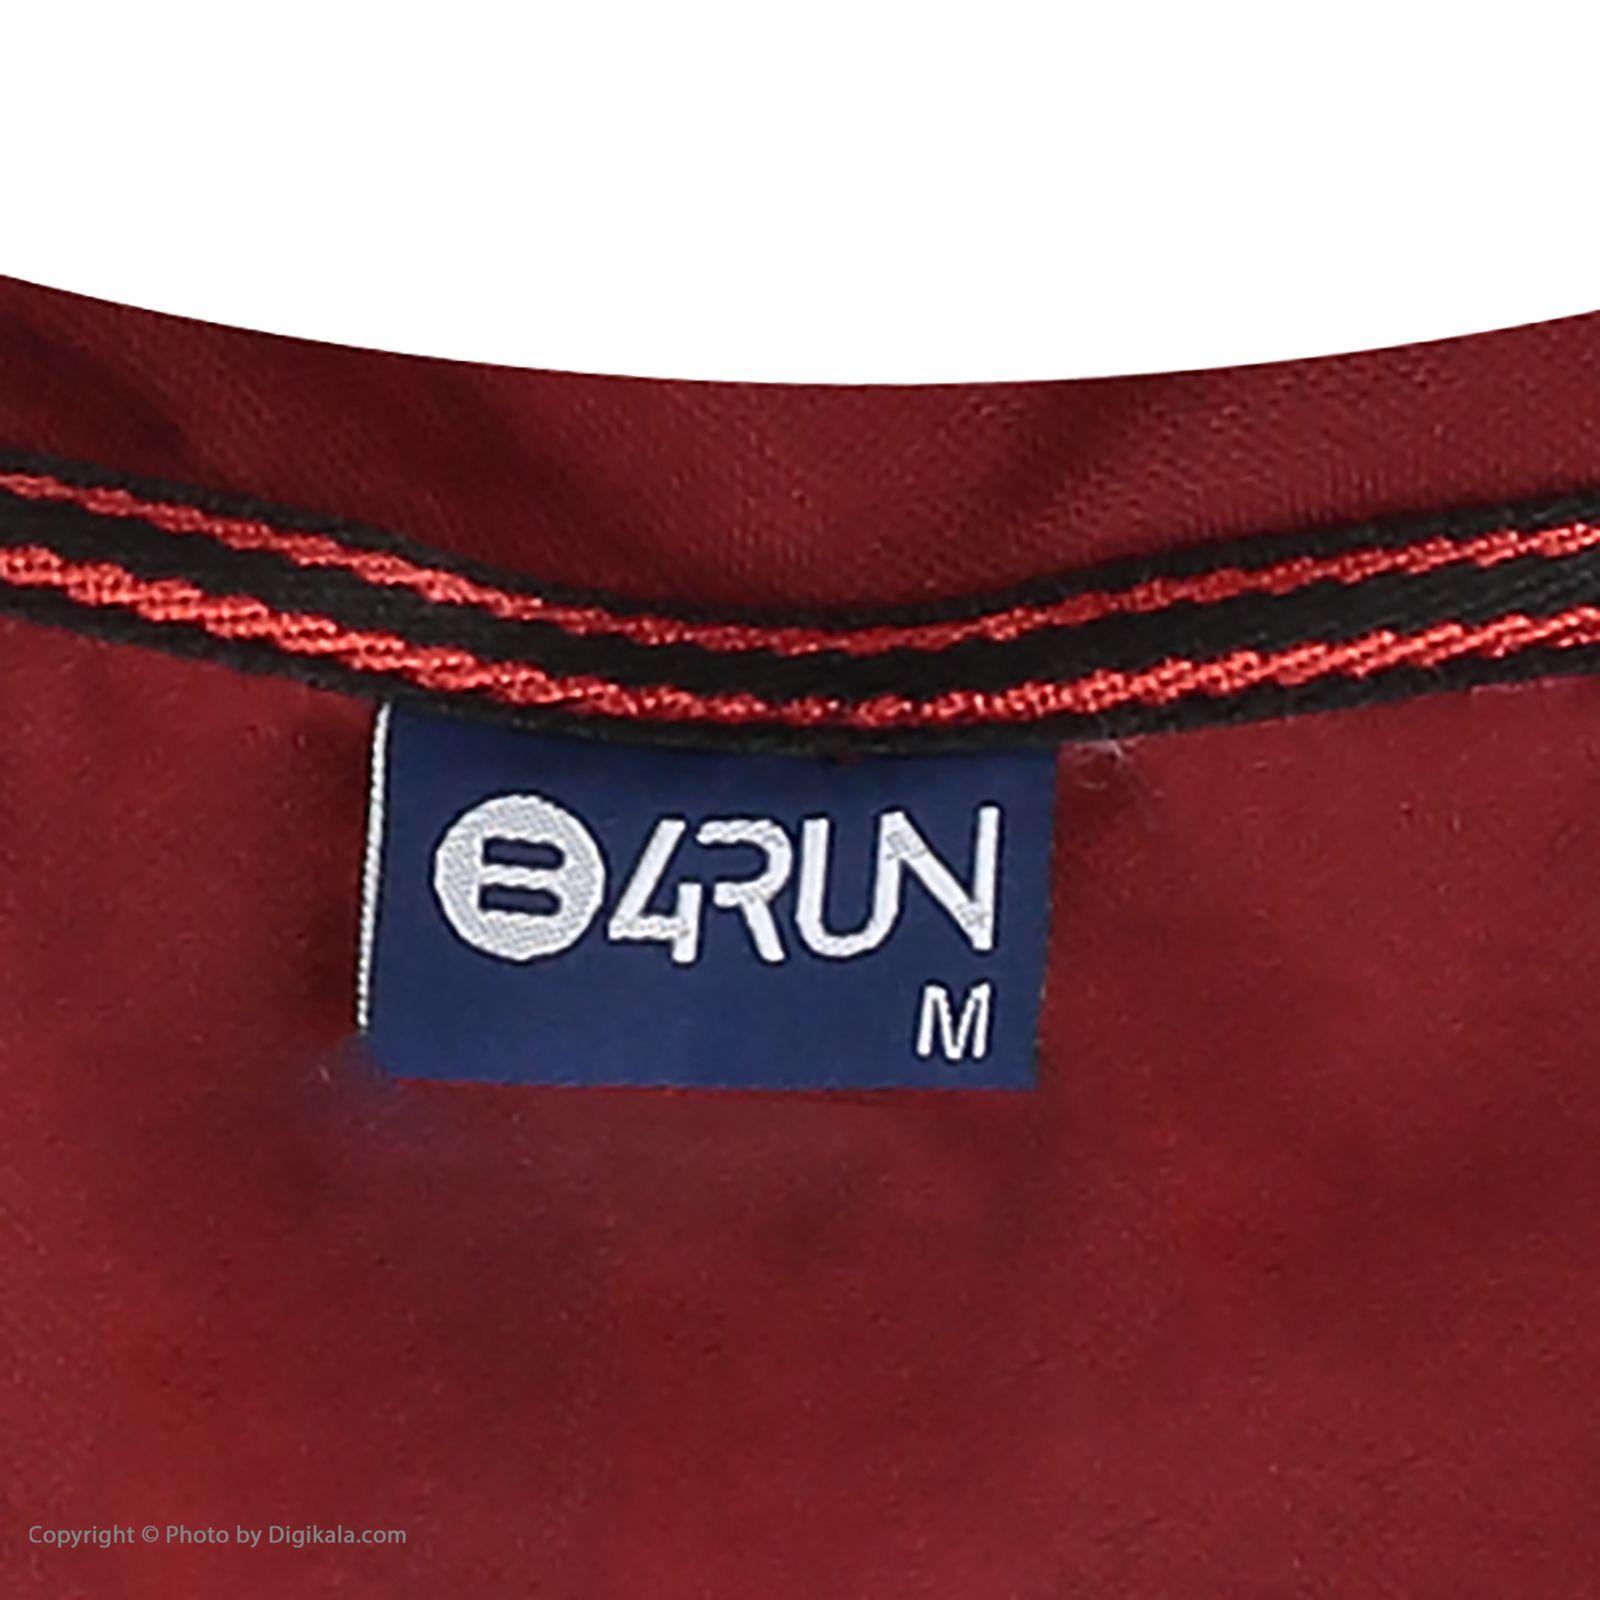 تی شرت ورزشی مردانه بی فور ران مدل 980317-7499 - قرمز - مشکی - 5